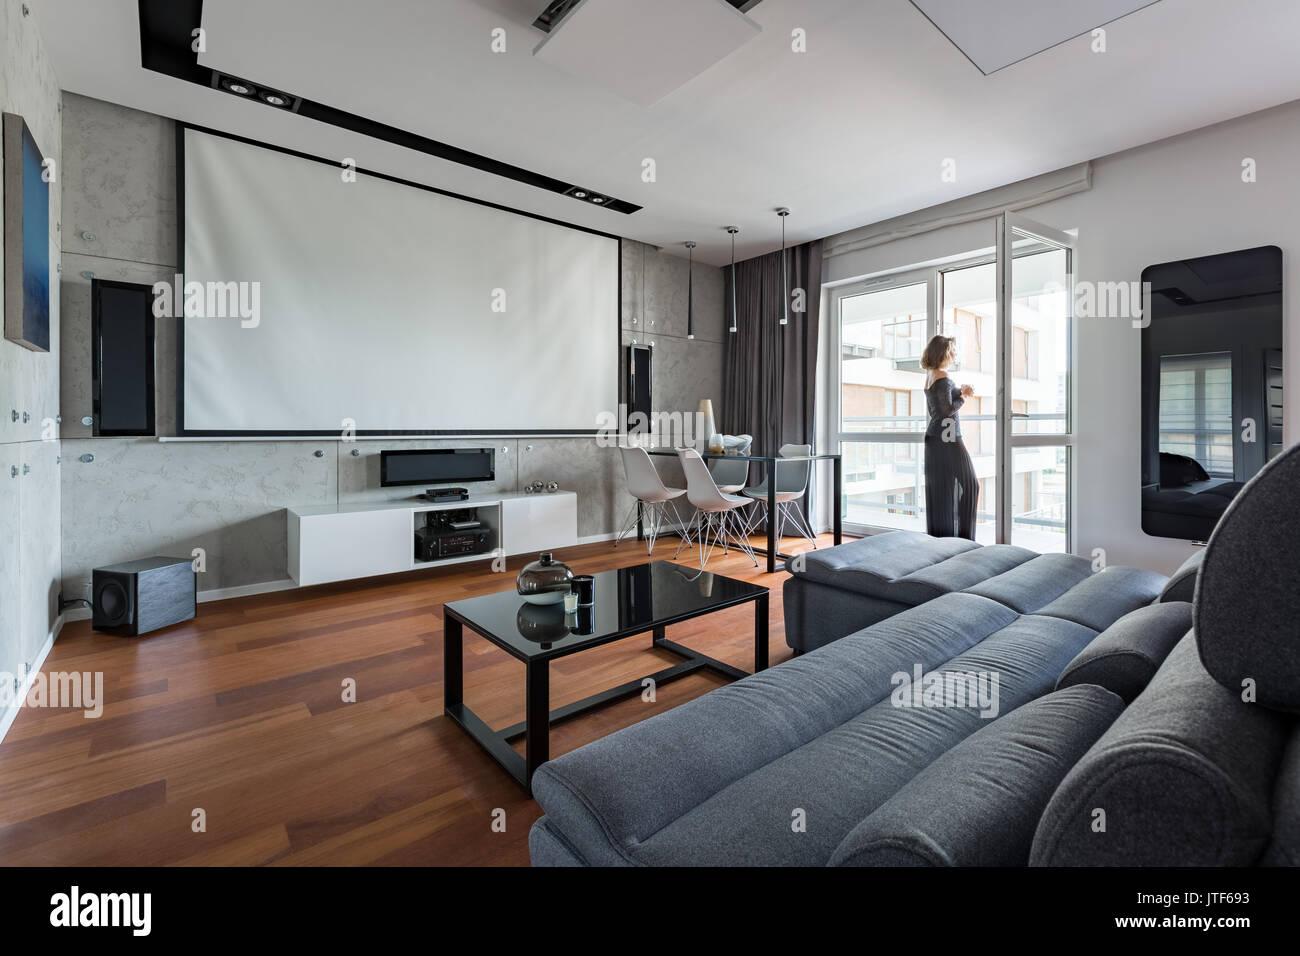 Grau und Weiß Wohnzimmer mit Sofa, Tisch, Balkon und ...